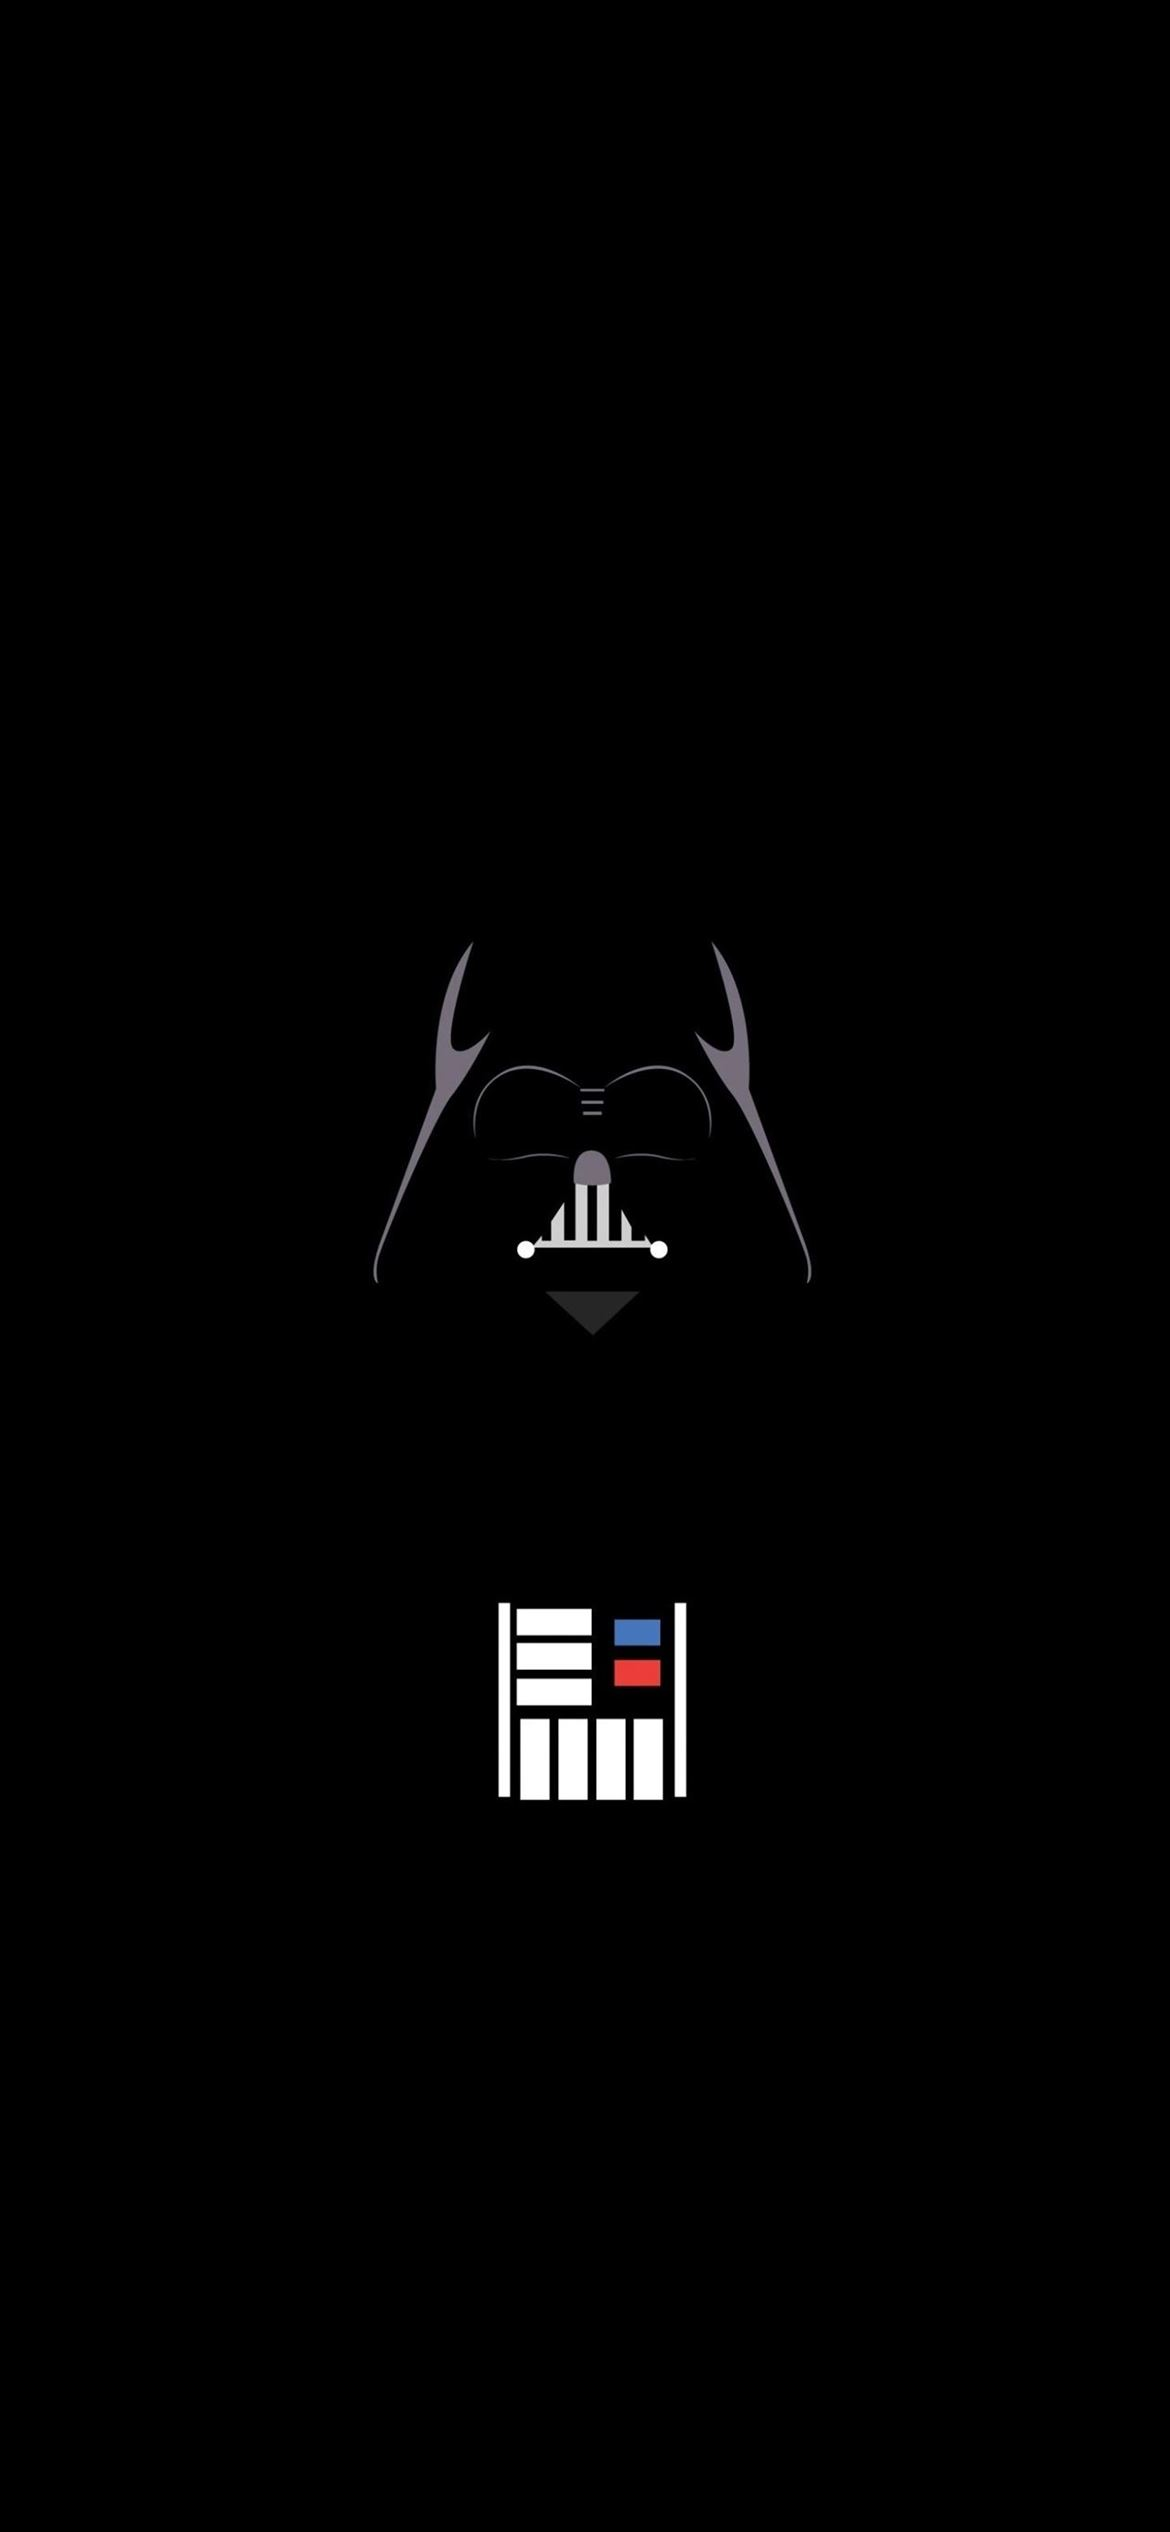 Best Minimalist Star Wars Iphone 12 Hd Wallpapers Ilikewallpaper